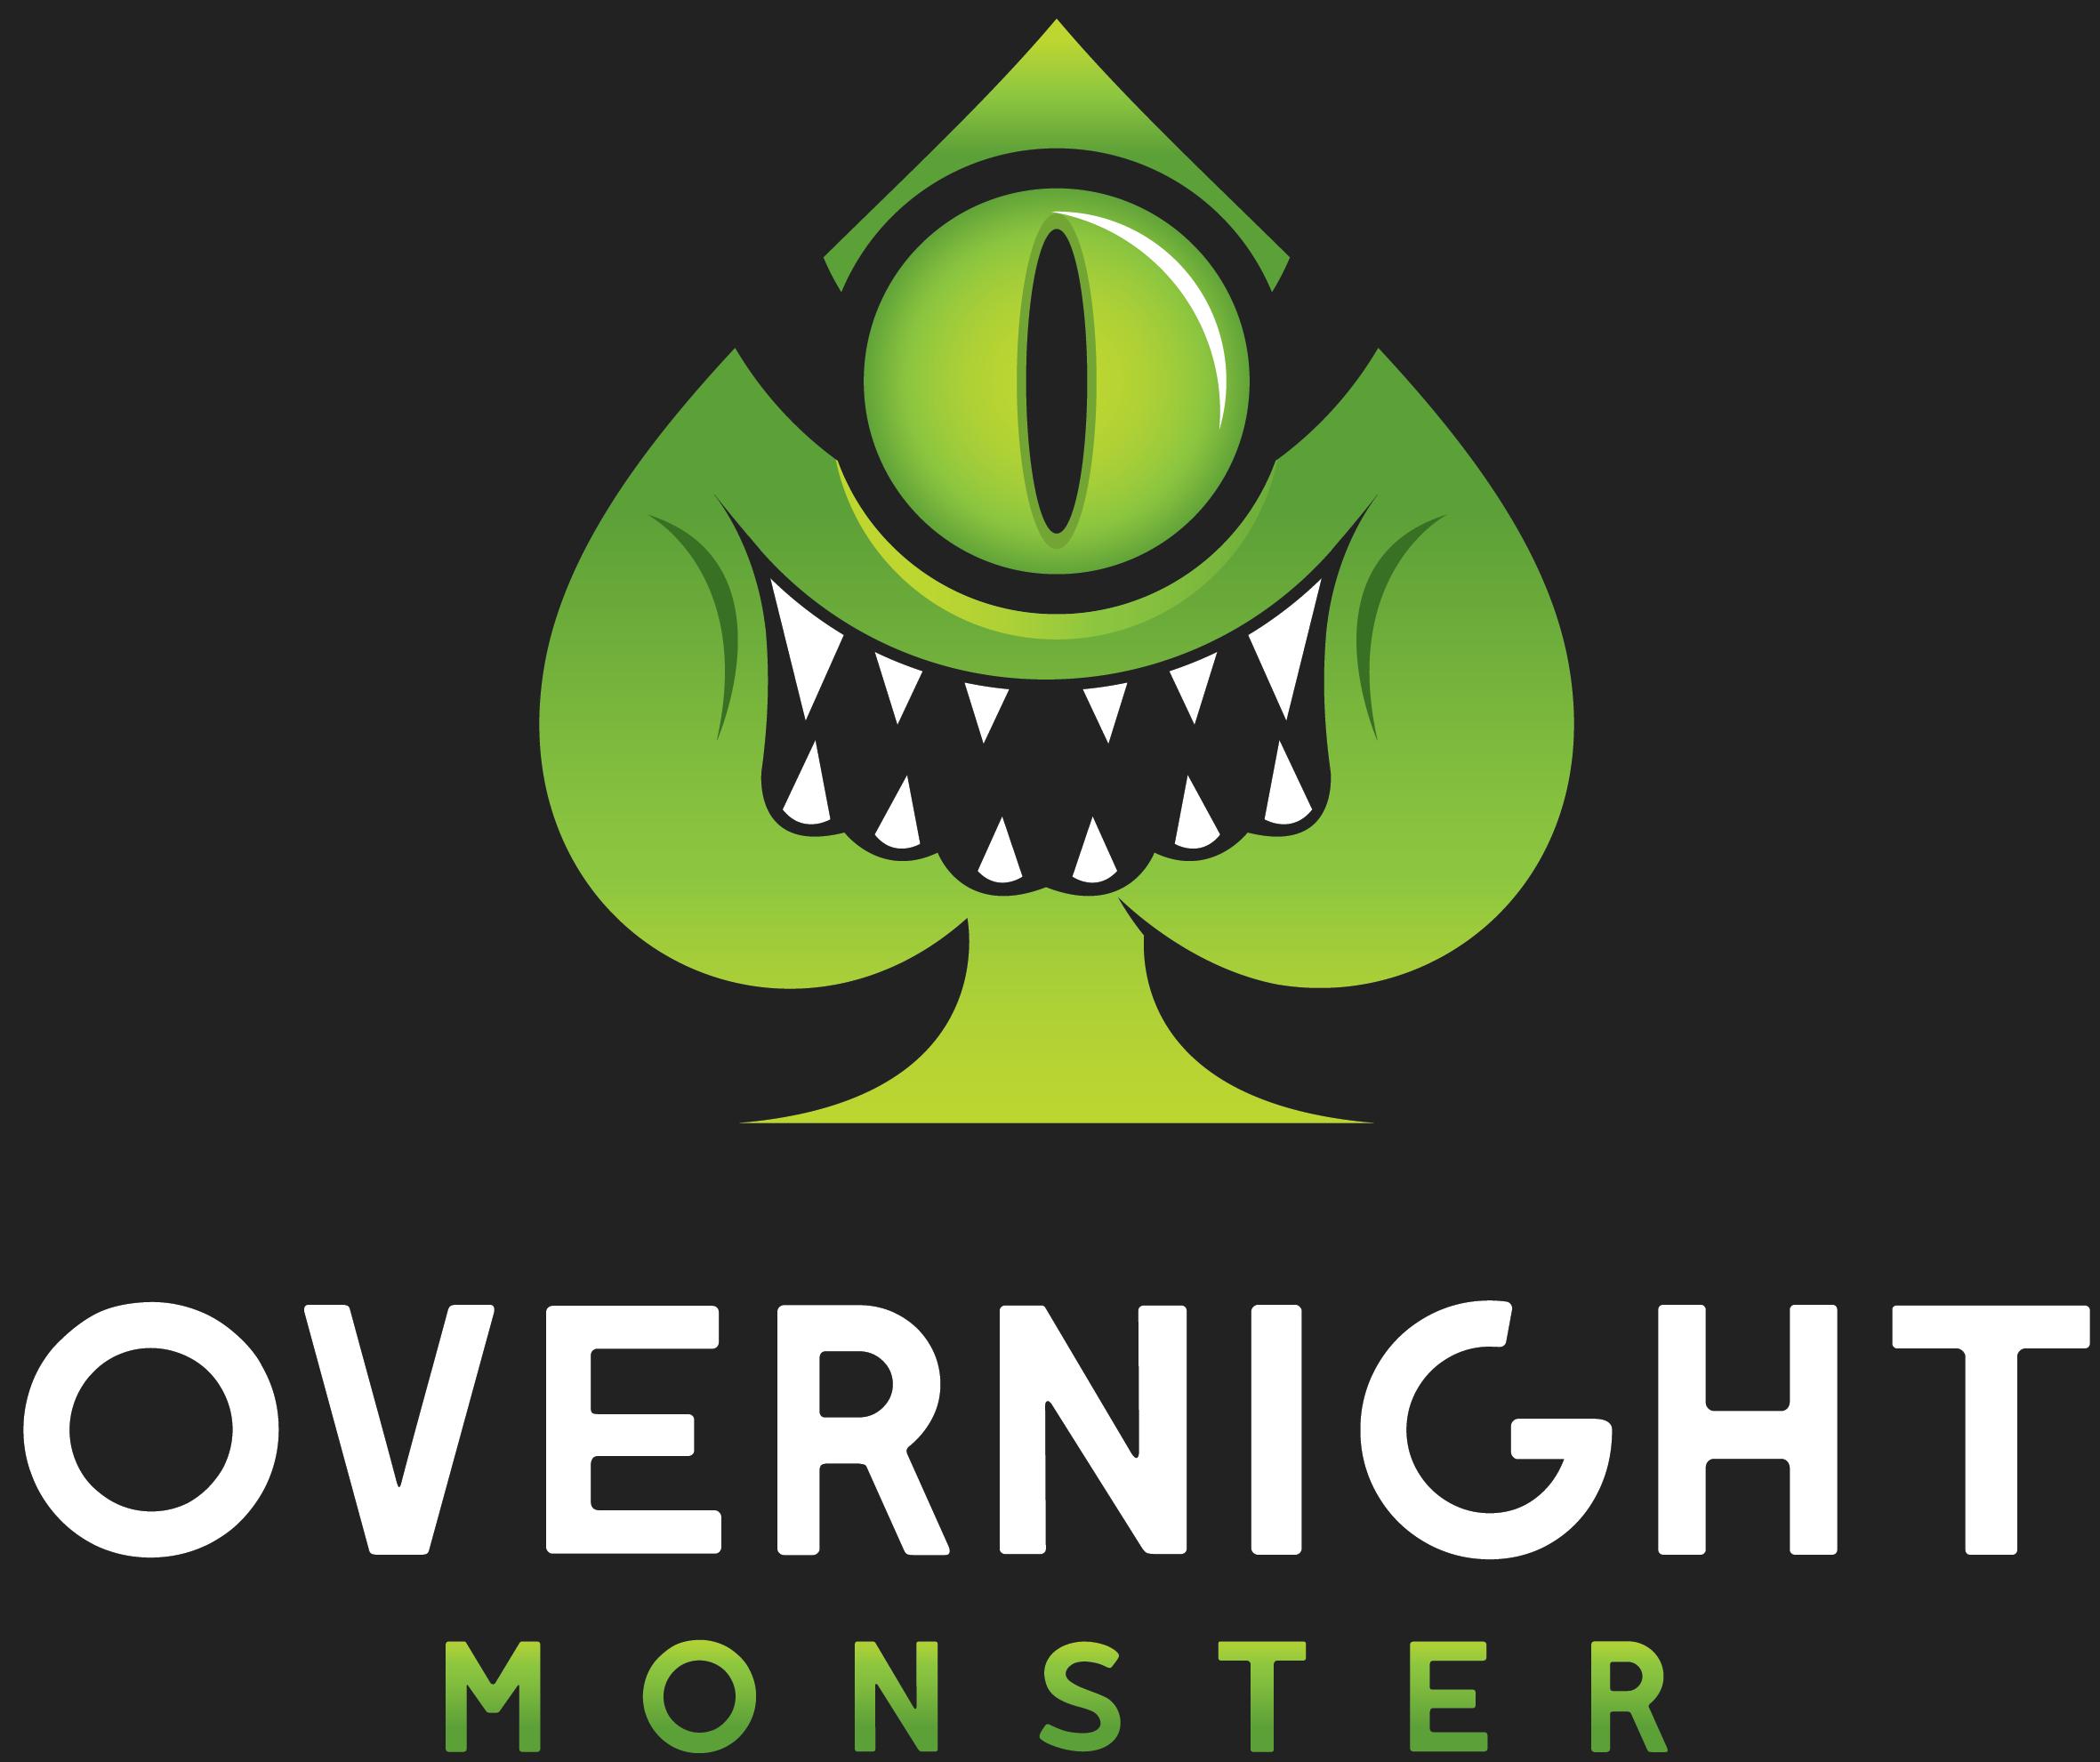 Overnight Monster by AlvinTeachesPoker